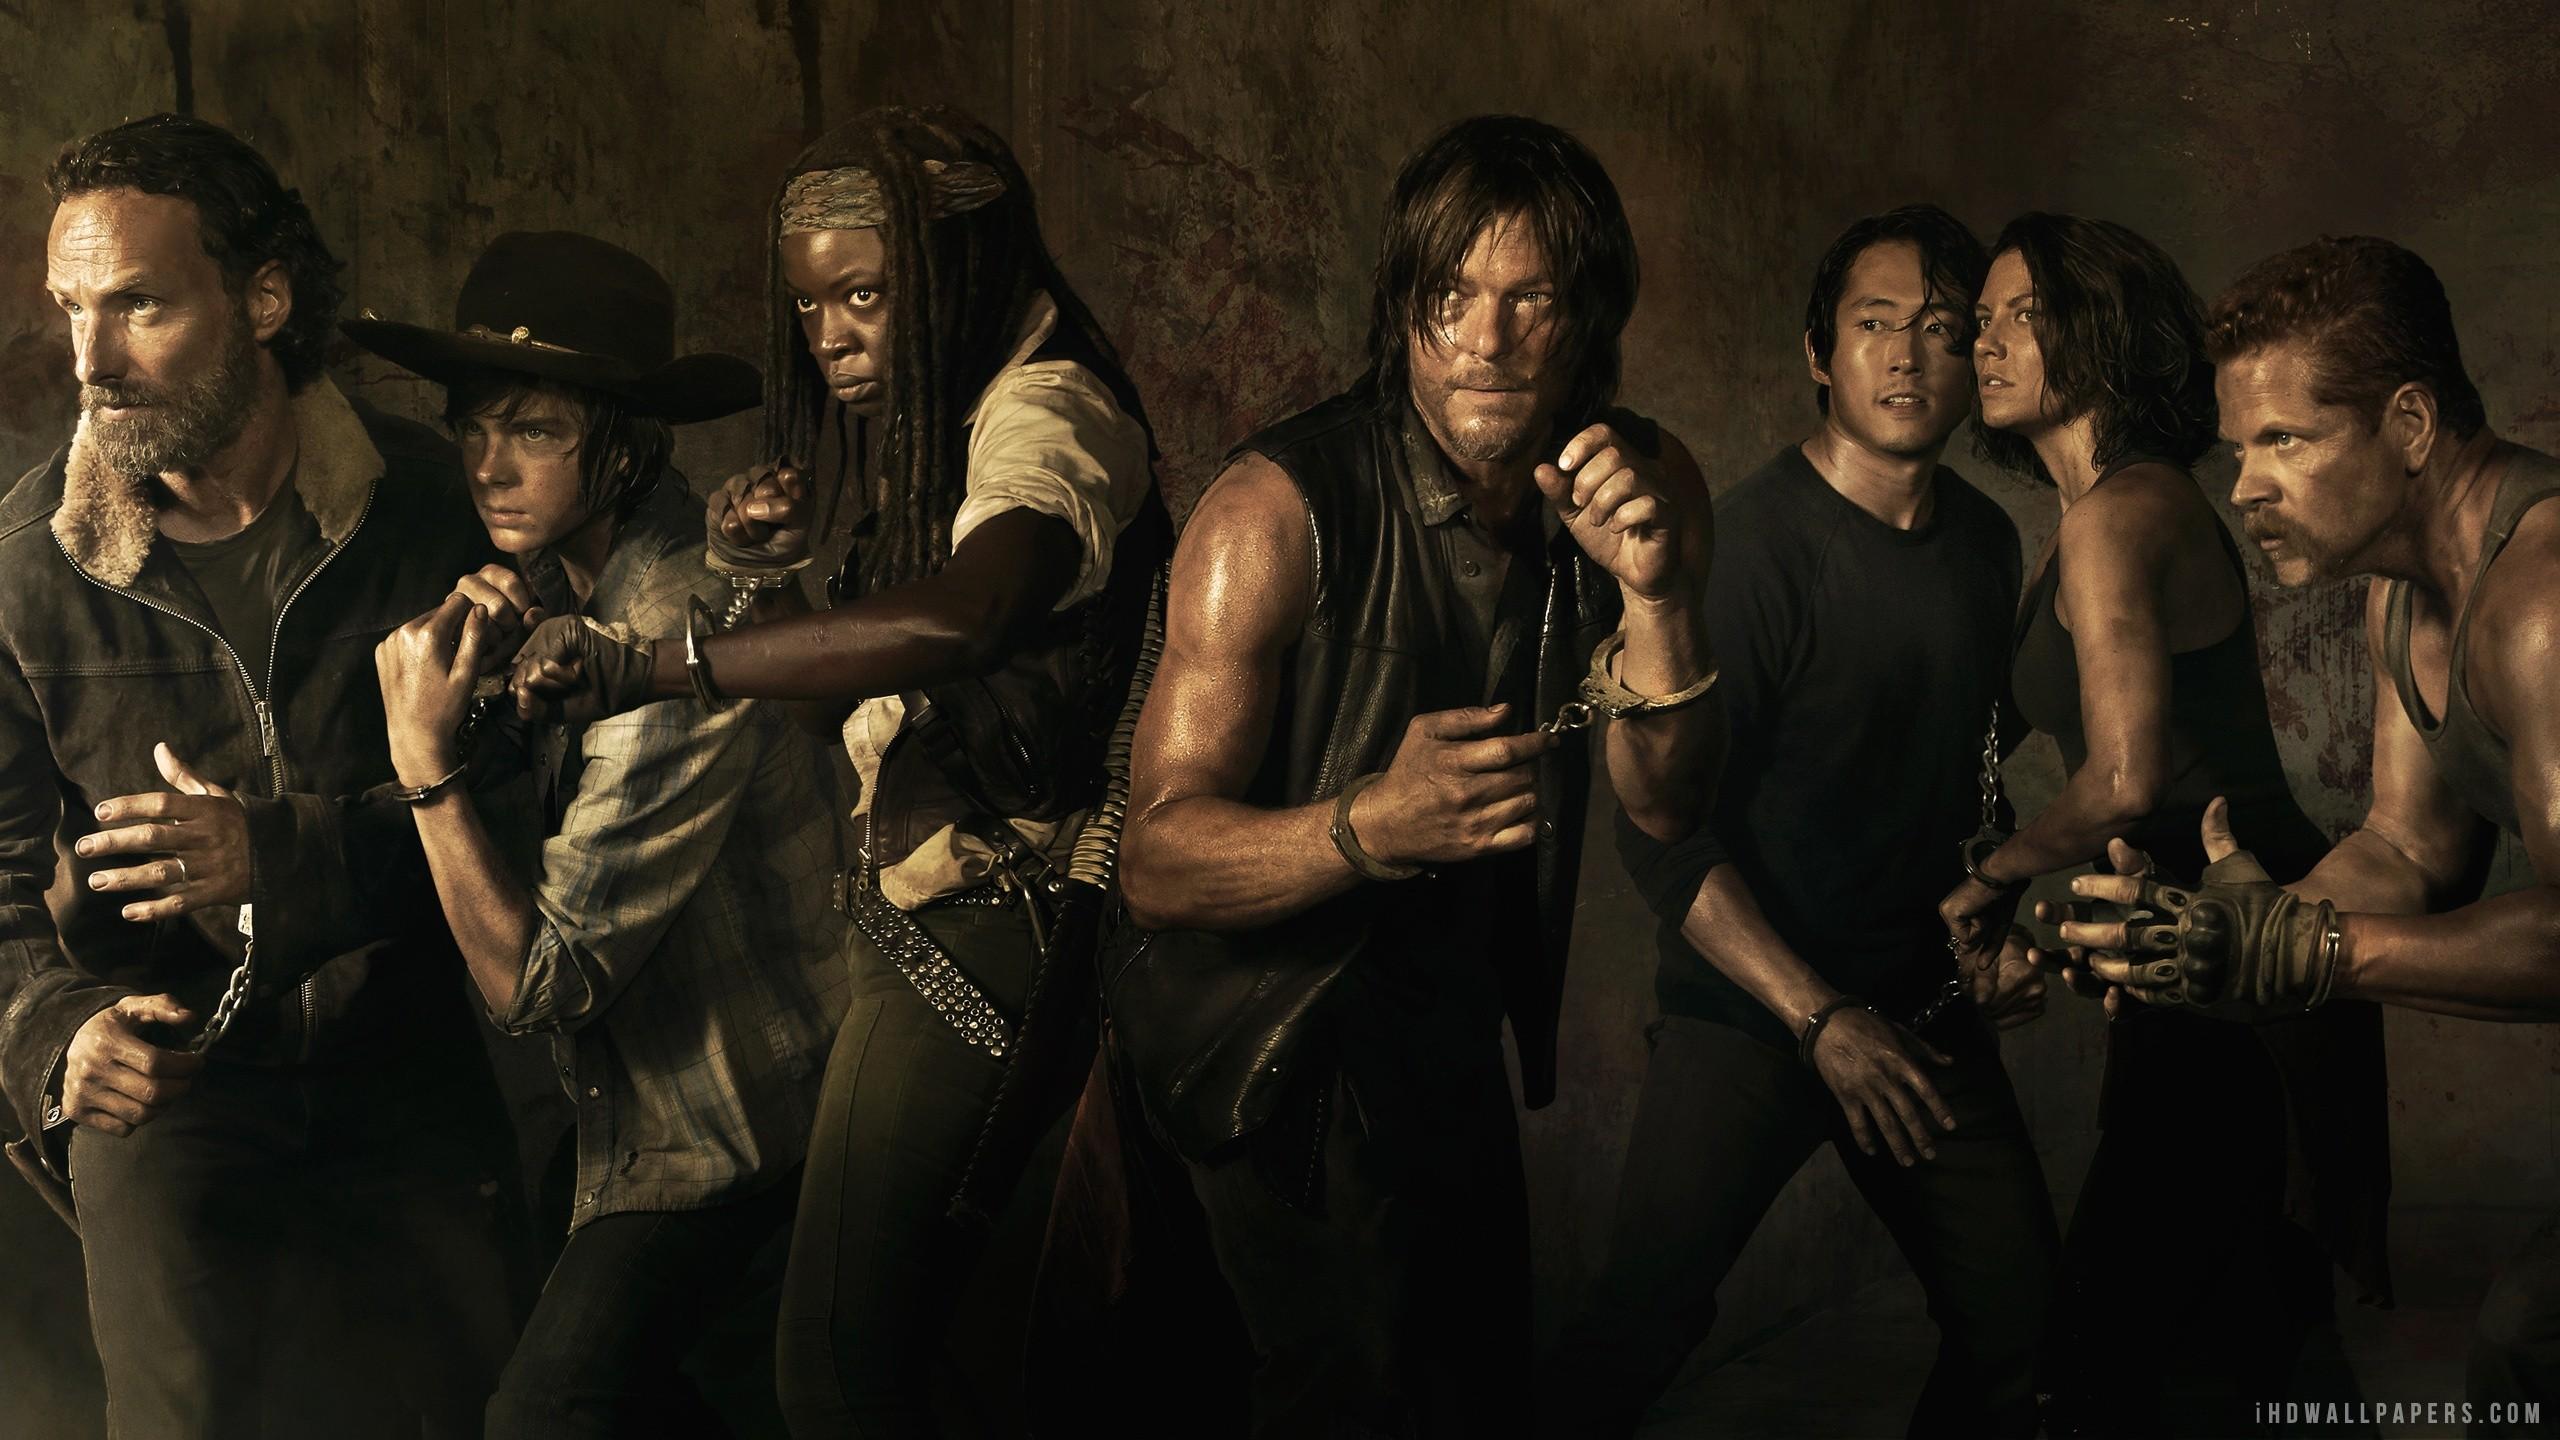 The Walking Dead Season 4 wallpapers (44 Wallpapers)